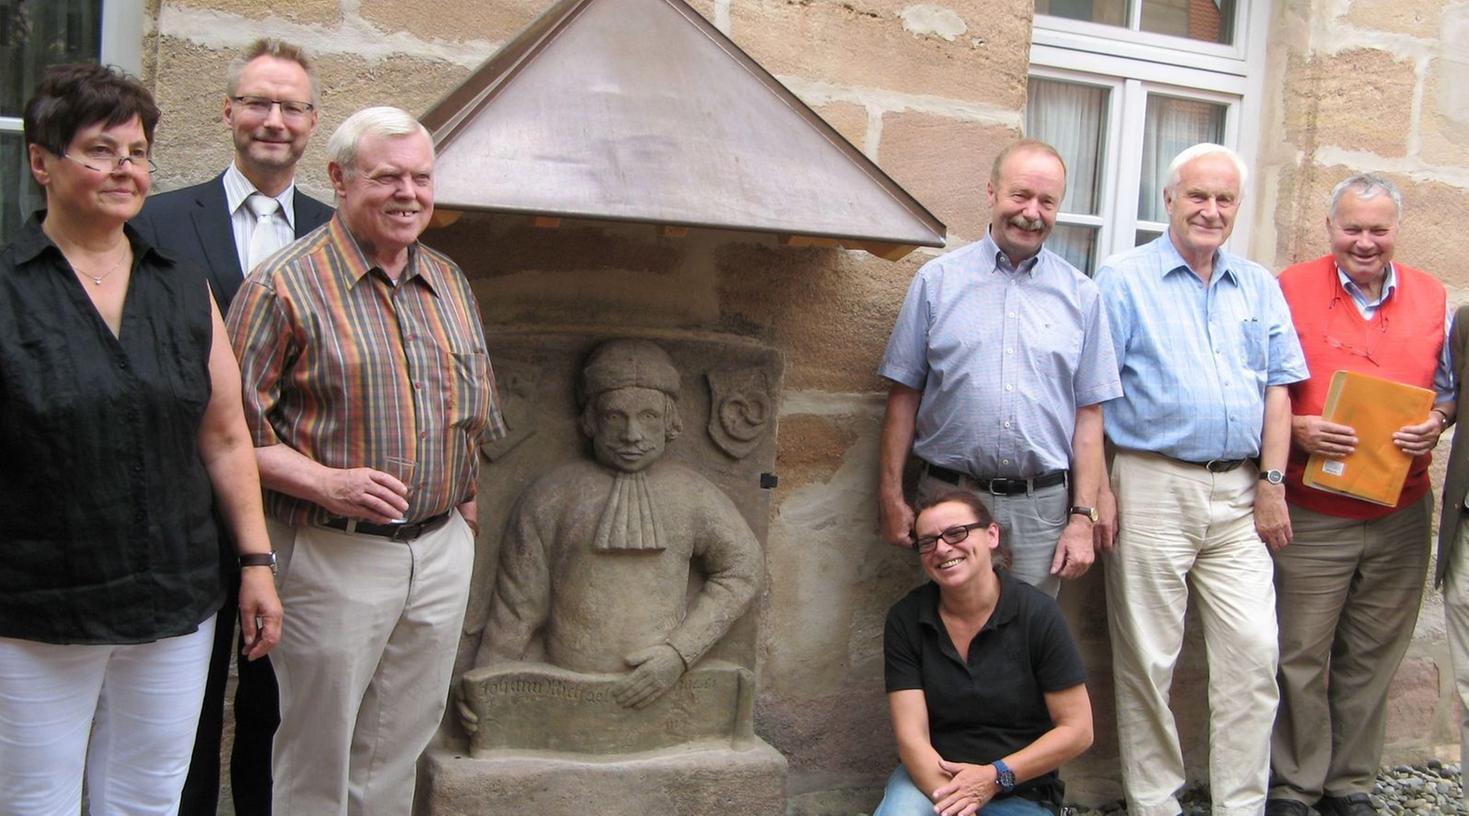 Walli Porlein, Dr. Martin Böhmer, Hans Schmitt, Martina Krebs (Restauratorin),  Friedrich Seyferth, Hartwig Reimann und Klaus Huber freuten sich über die  gelungene Restaurierung des Bierbrauer-Denkmals.